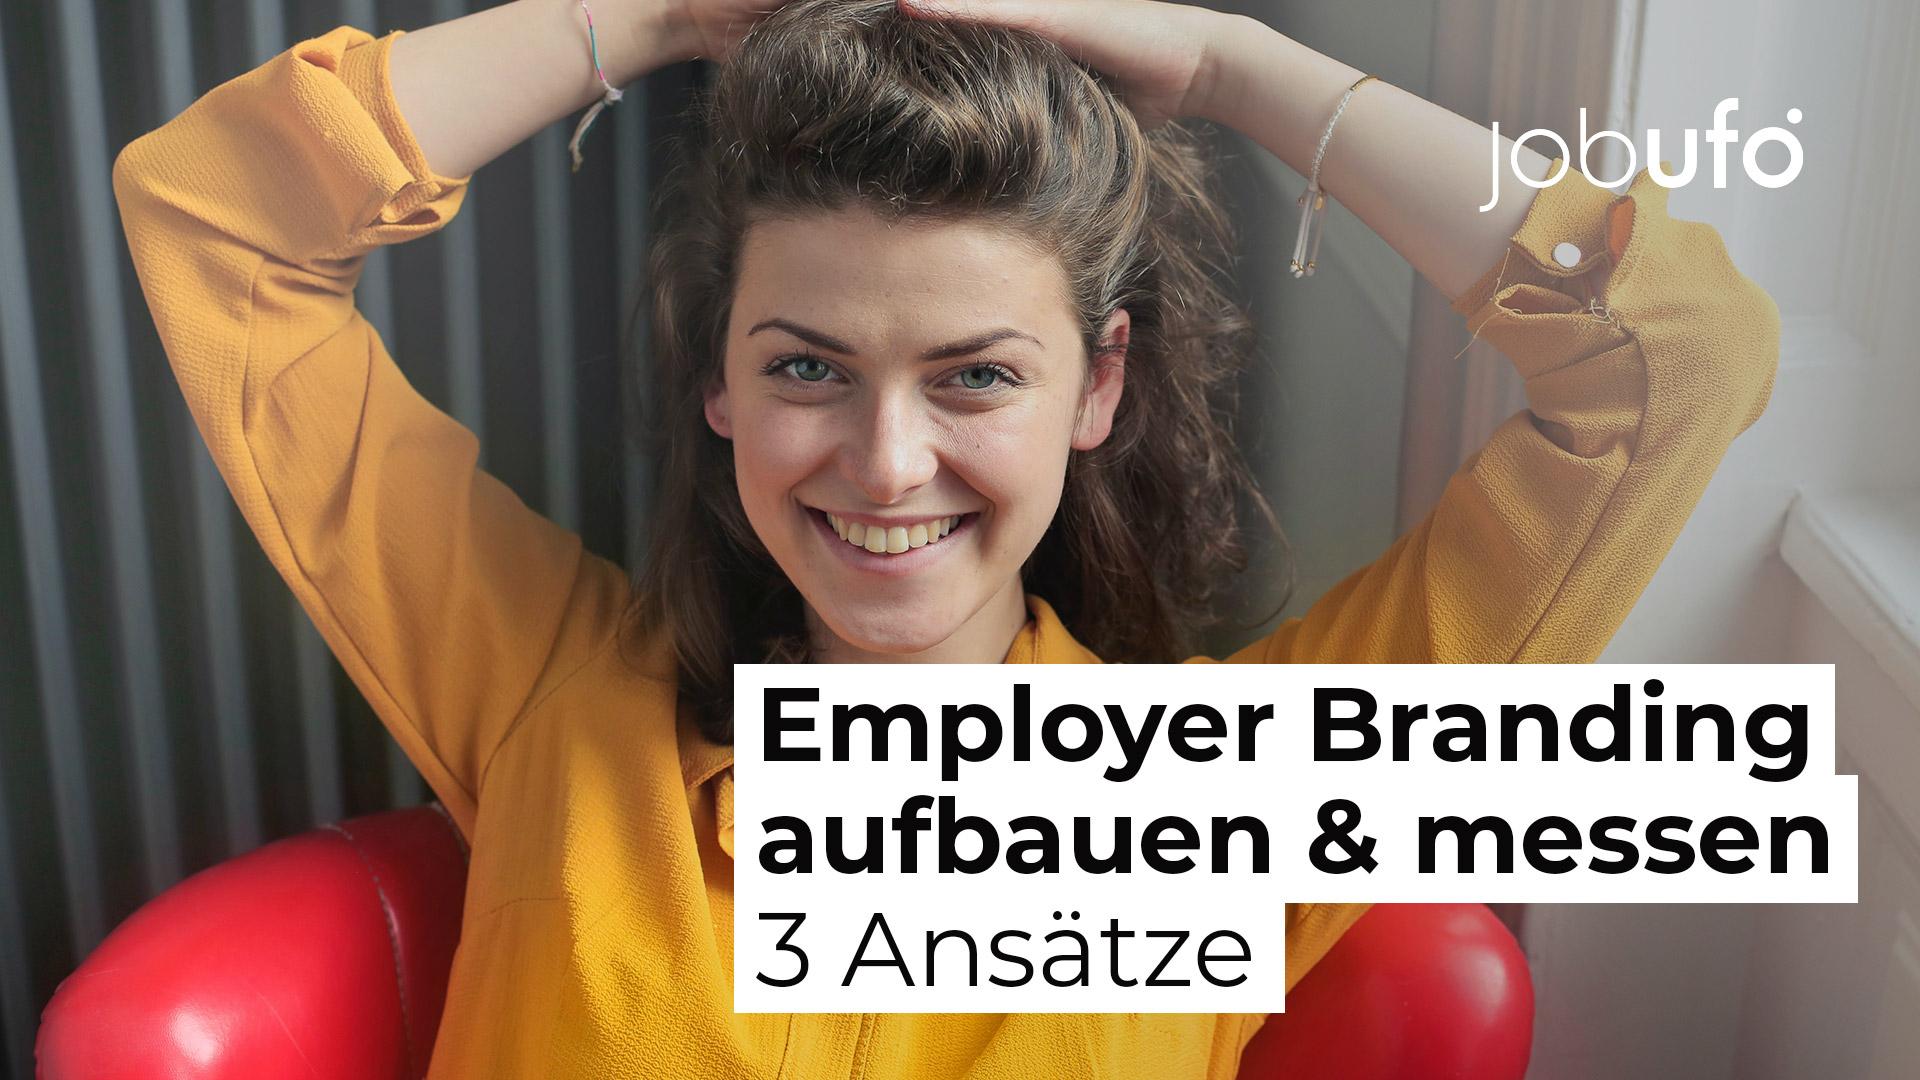 Eine braunhaarige Frau im gelben Hemd blickt lächelnd in die Kamera